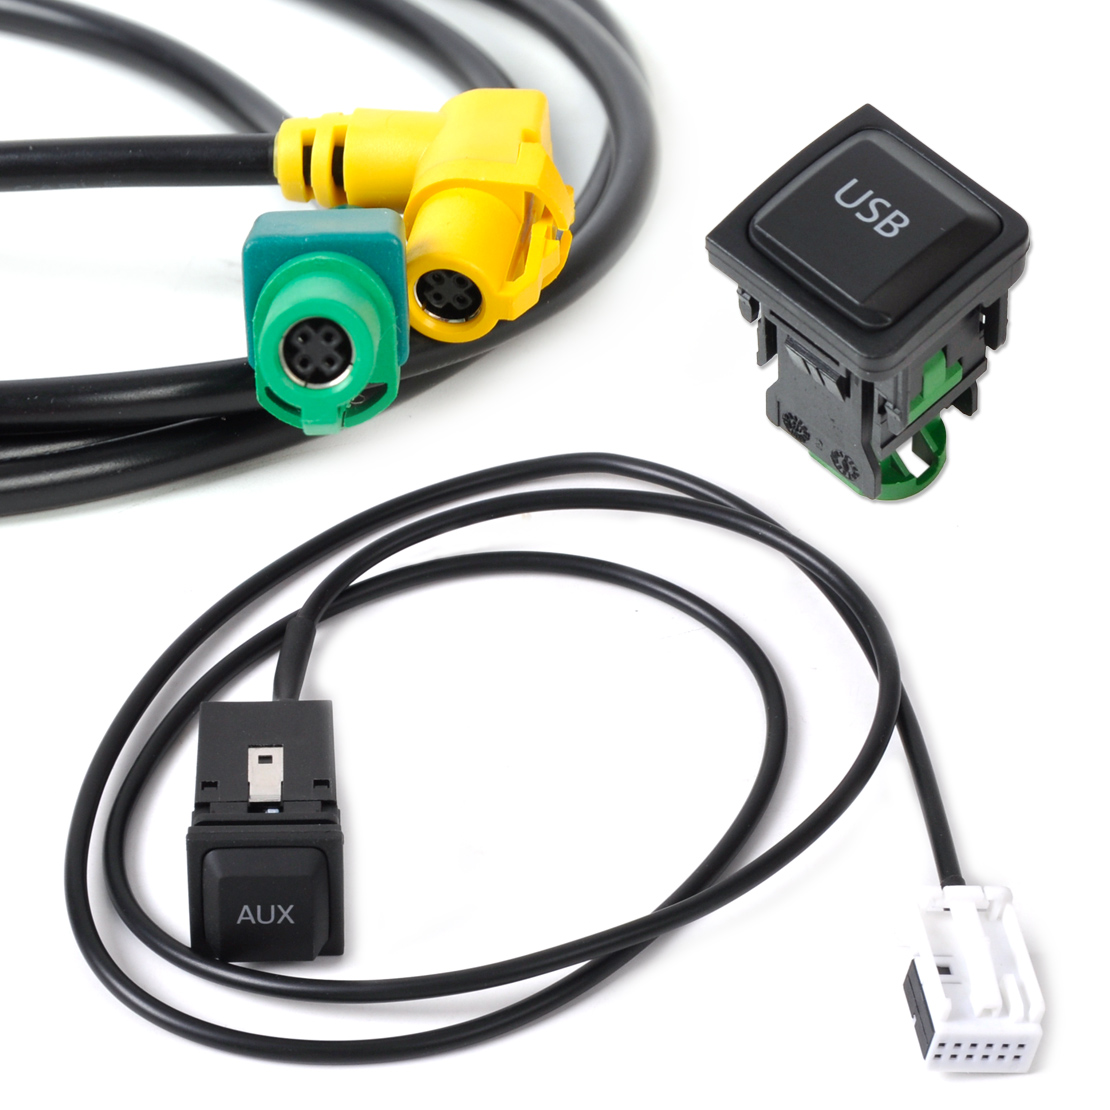 imágenes para Nueva ABS USB y AUX Cable de Enchufe Del Interruptor Kit 5KD035726 Un 5KD035724 A para volkswagen vw golf jetta mk5 rcd510 2006 2007 2008 2009 2010